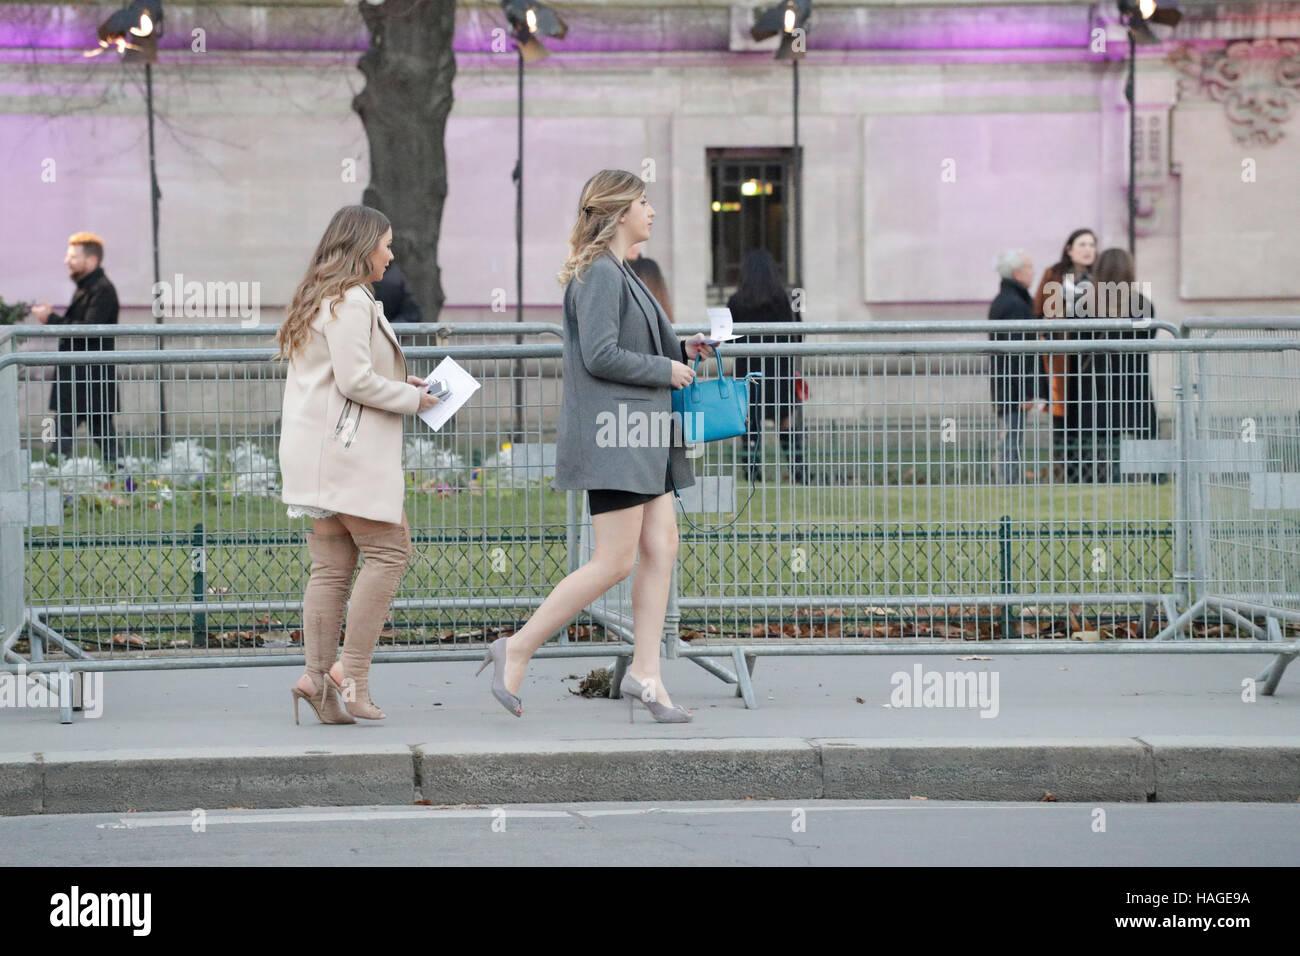 París, Francia. 30 Nov, 2016. Los huéspedes que lleguen en el Victoria's Secret Show celebrado en el Grand Palais. Foto de stock